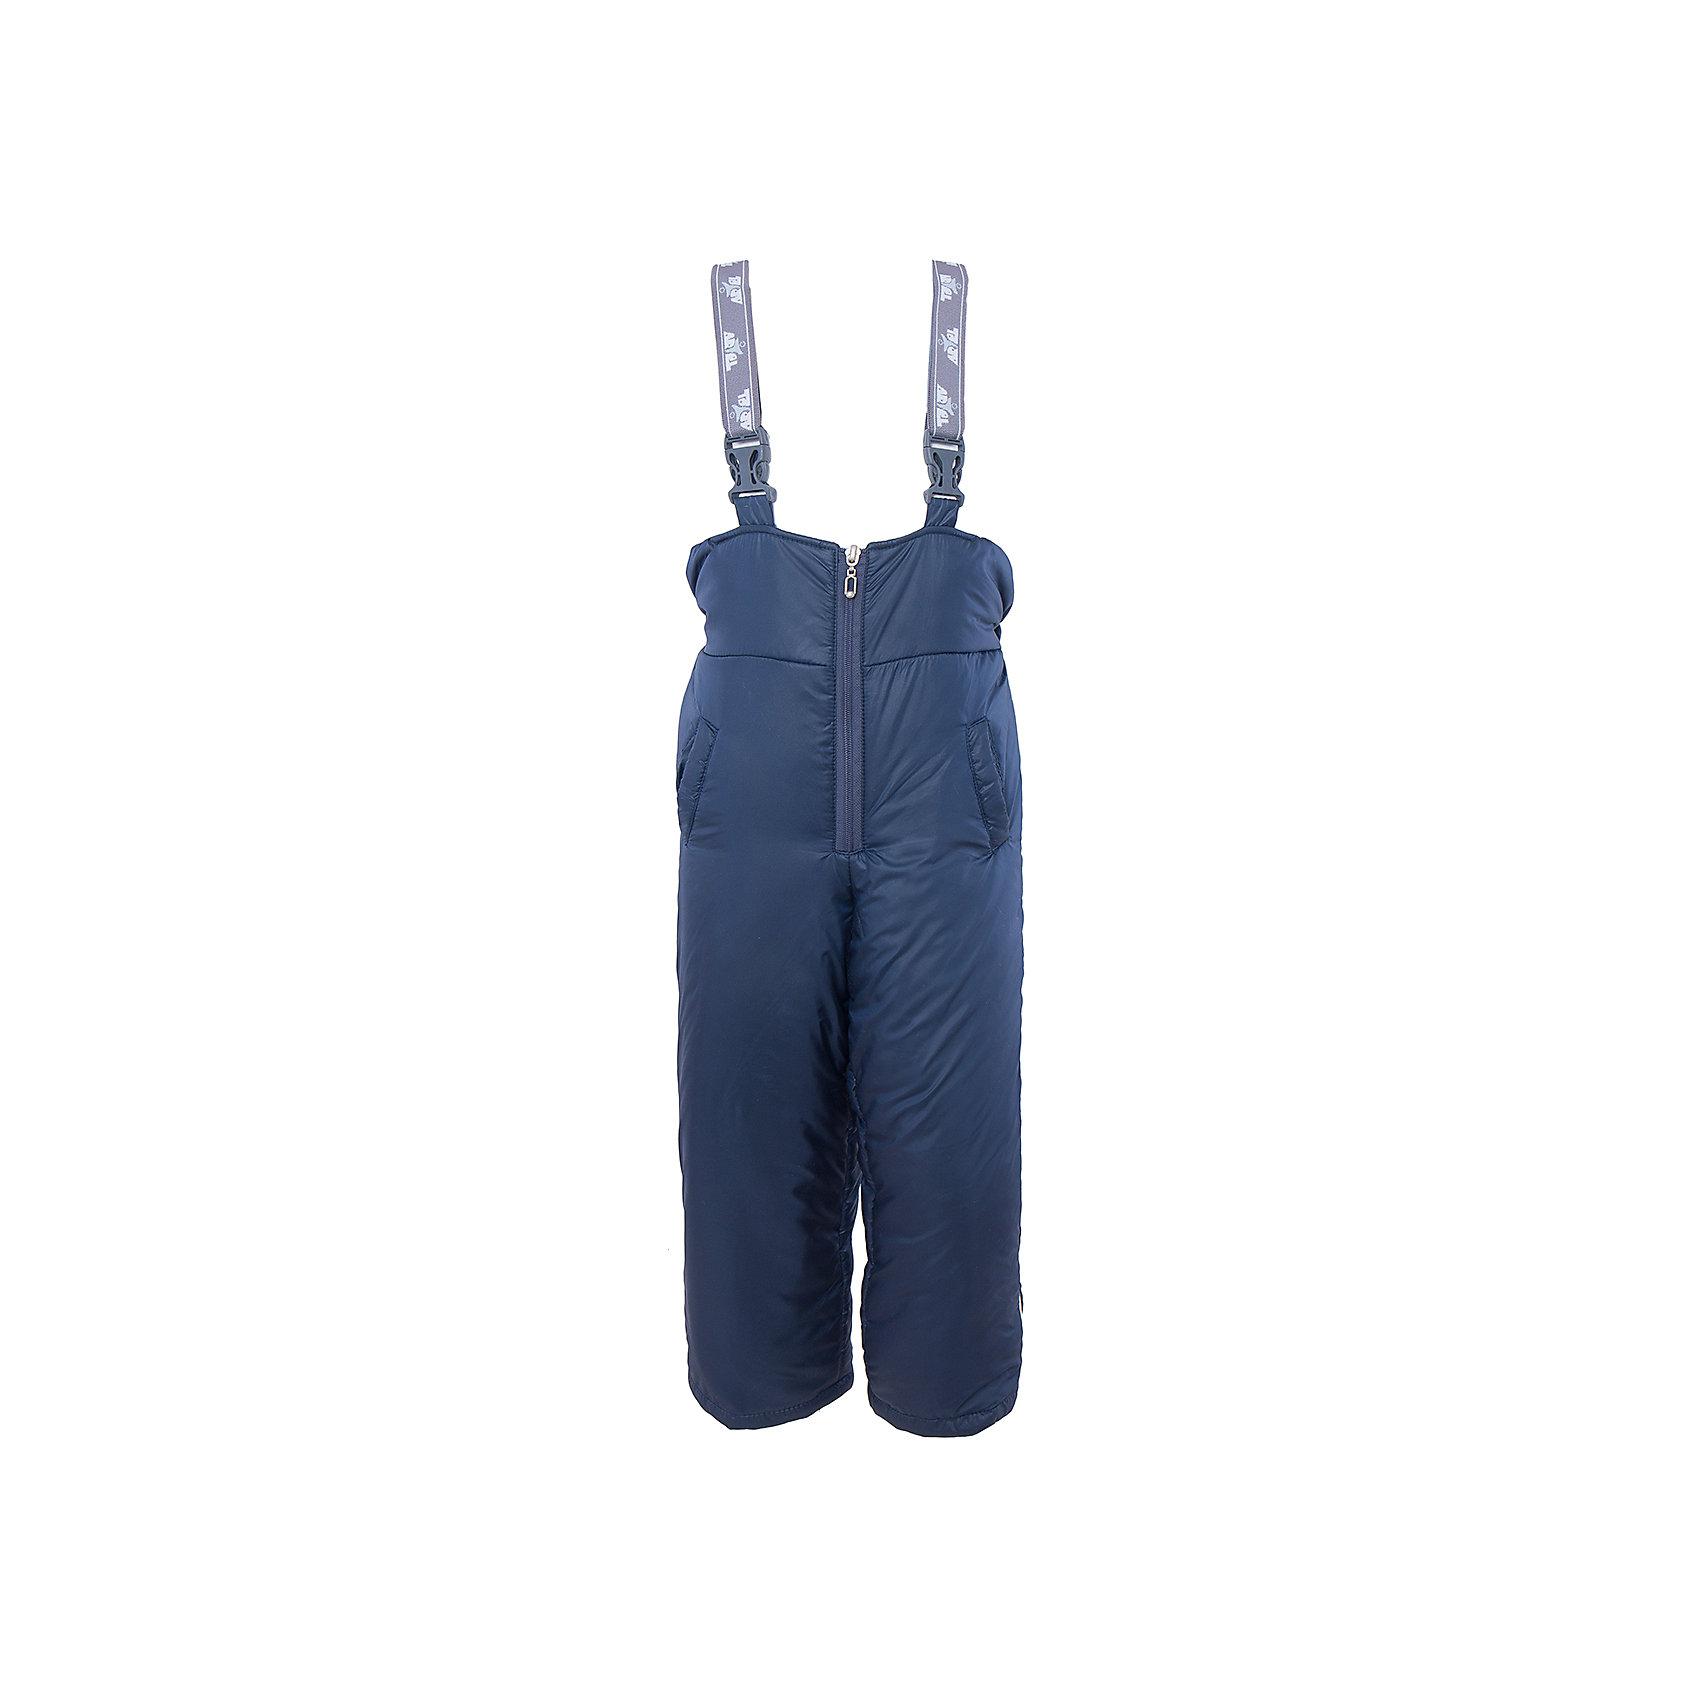 Полукомбинезон для девочки АртельВерхняя одежда<br>Полукомбинезон для девочки Артель<br><br>Характеристики:<br><br>• Цвет: синий<br>• Материал: 80% полиэстер, 20% хлопок<br><br>Полукомбинезон защитит ребенка от холода. Снизу штанин мягкая резинка, которая плотно прилегает к ноге ребенка, но не натирает и не давит. Регулируемые лямки позволят подтягивать штанишки по росту малыша. Спереди есть застежка-молния, которая дополнительно защищает от холода. На штанах имеются два больших кармана.<br><br>Полукомбинезон для девочки Артель можно купить в нашем интернет-магазине.<br><br>Ширина мм: 215<br>Глубина мм: 88<br>Высота мм: 191<br>Вес г: 336<br>Цвет: синий<br>Возраст от месяцев: 36<br>Возраст до месяцев: 48<br>Пол: Женский<br>Возраст: Детский<br>Размер: 128,110,116,122,104<br>SKU: 4963758